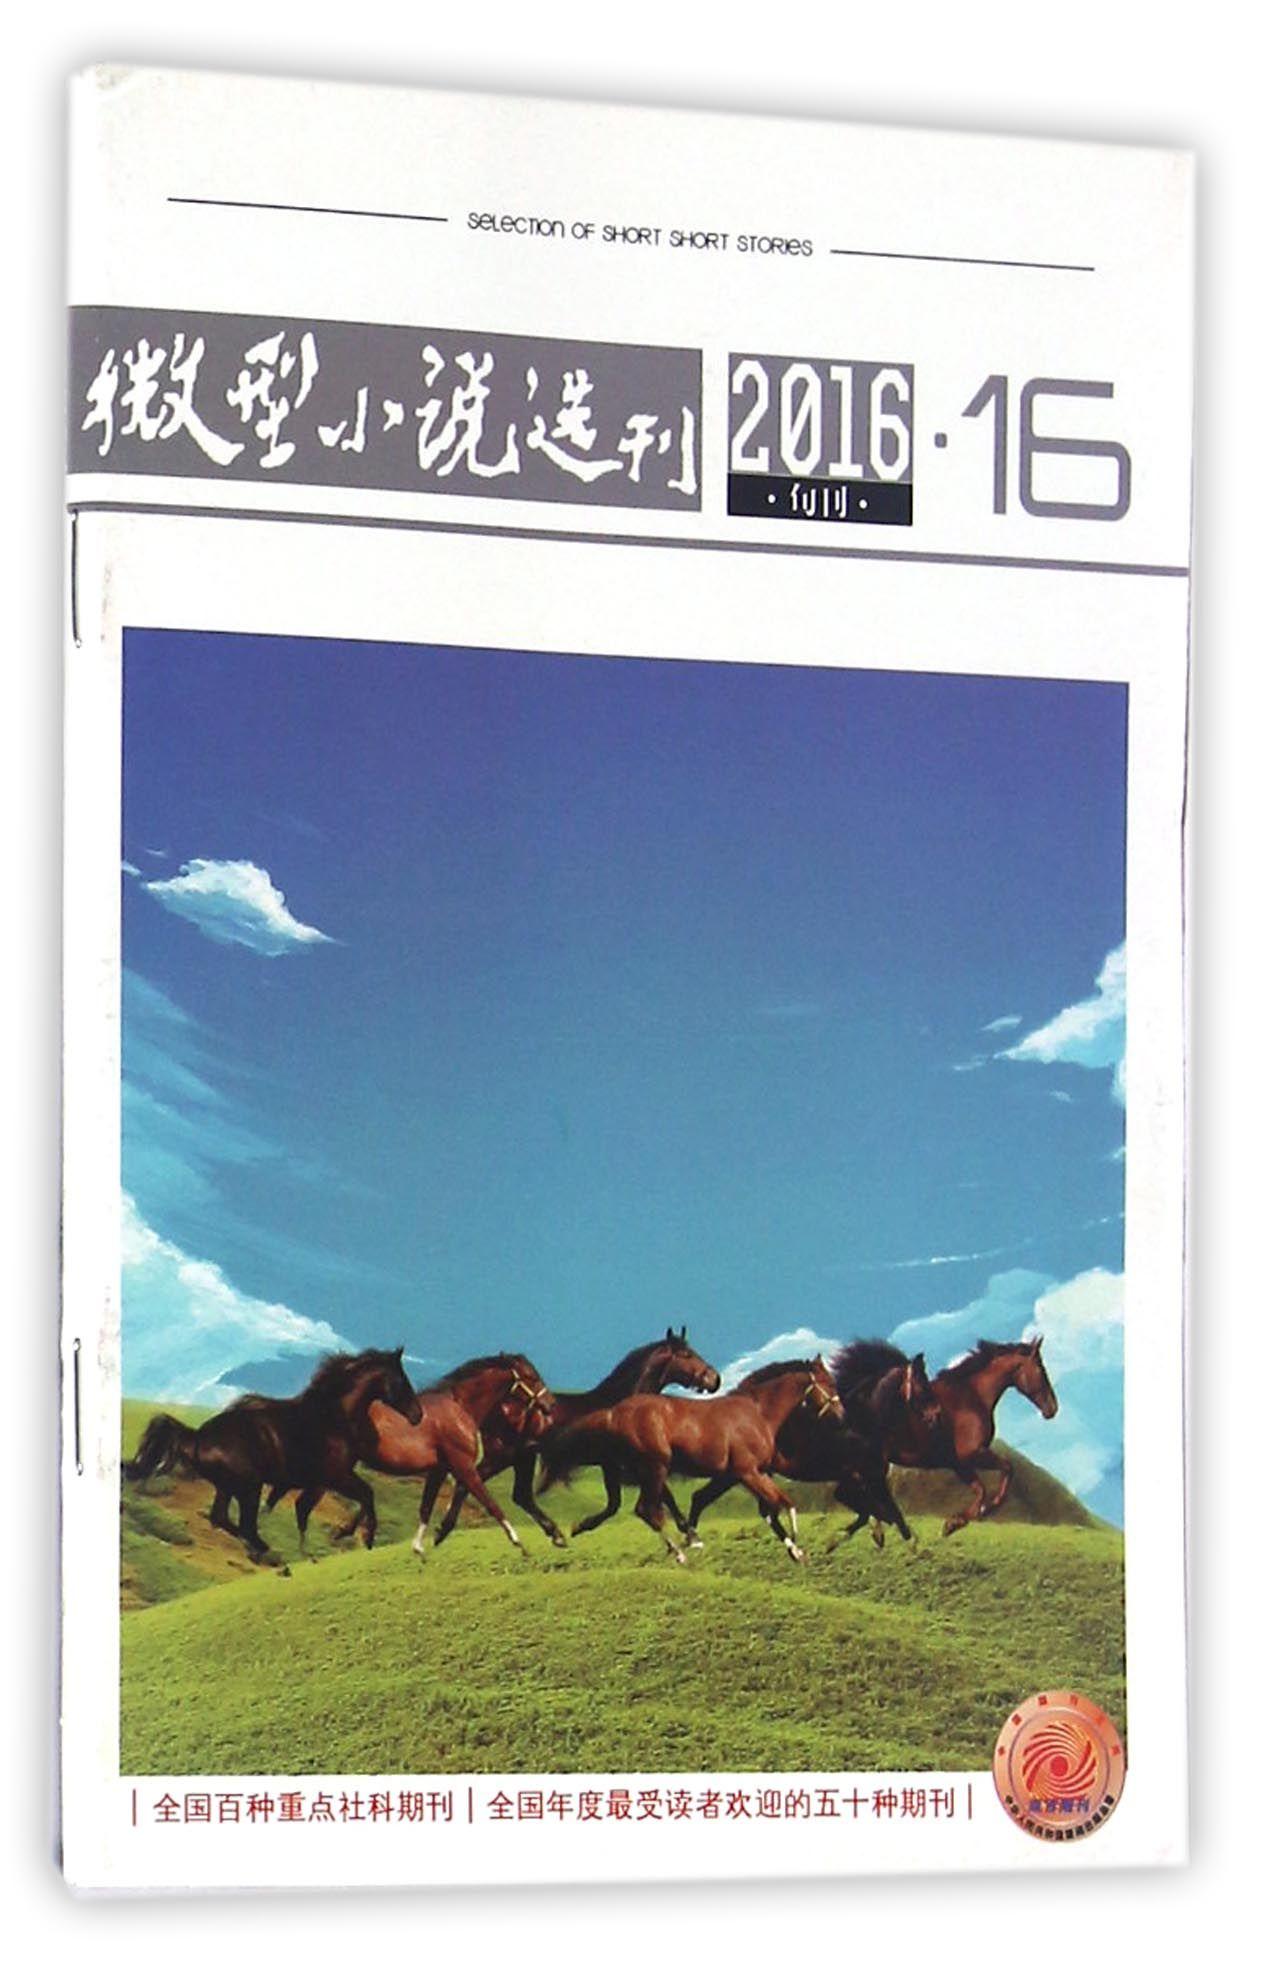 微型小说选刊(2016年8月第16期总第656期旬刊)